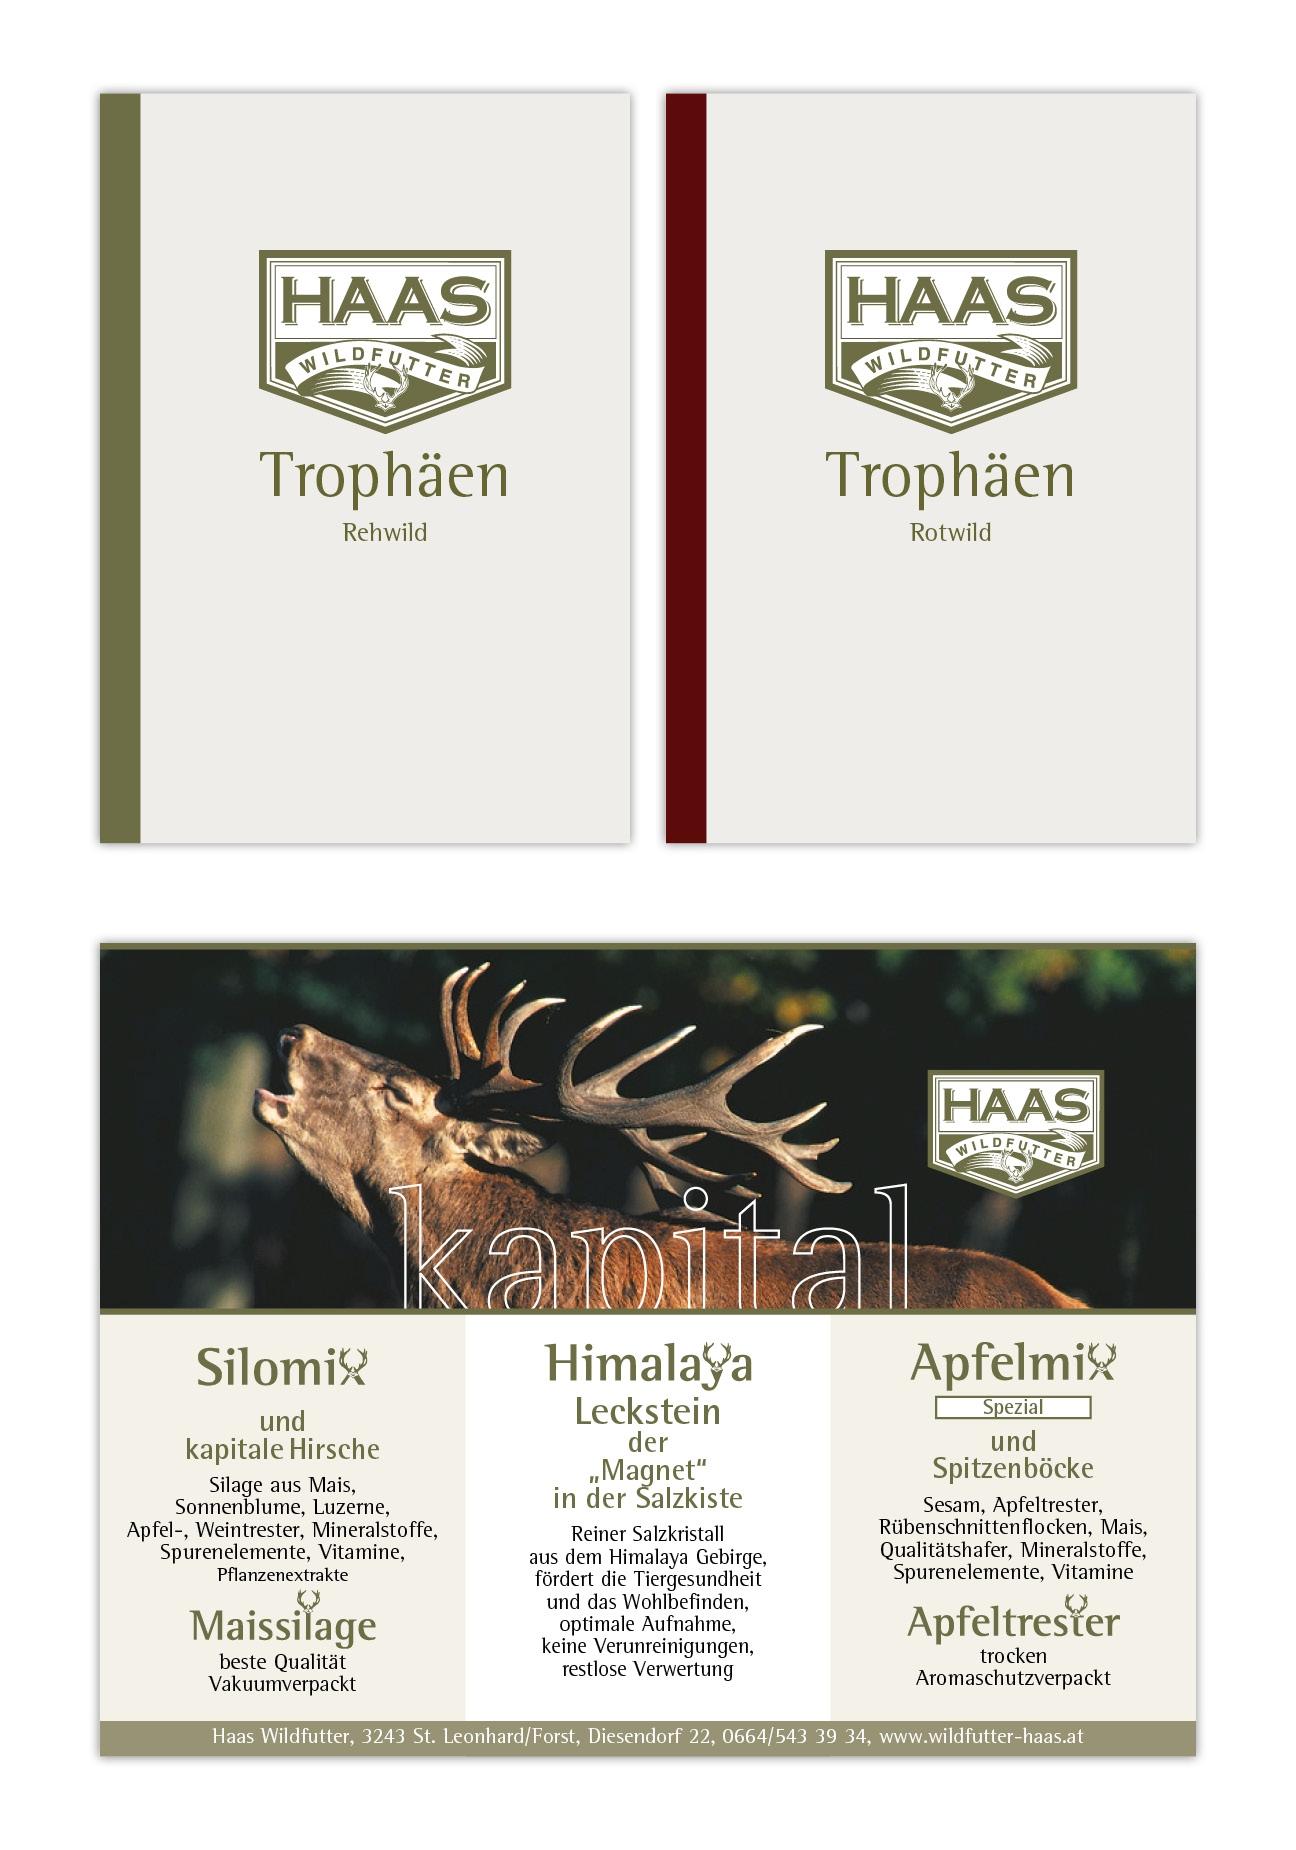 Haas Wildfutter Trophäenbuch und Inserat